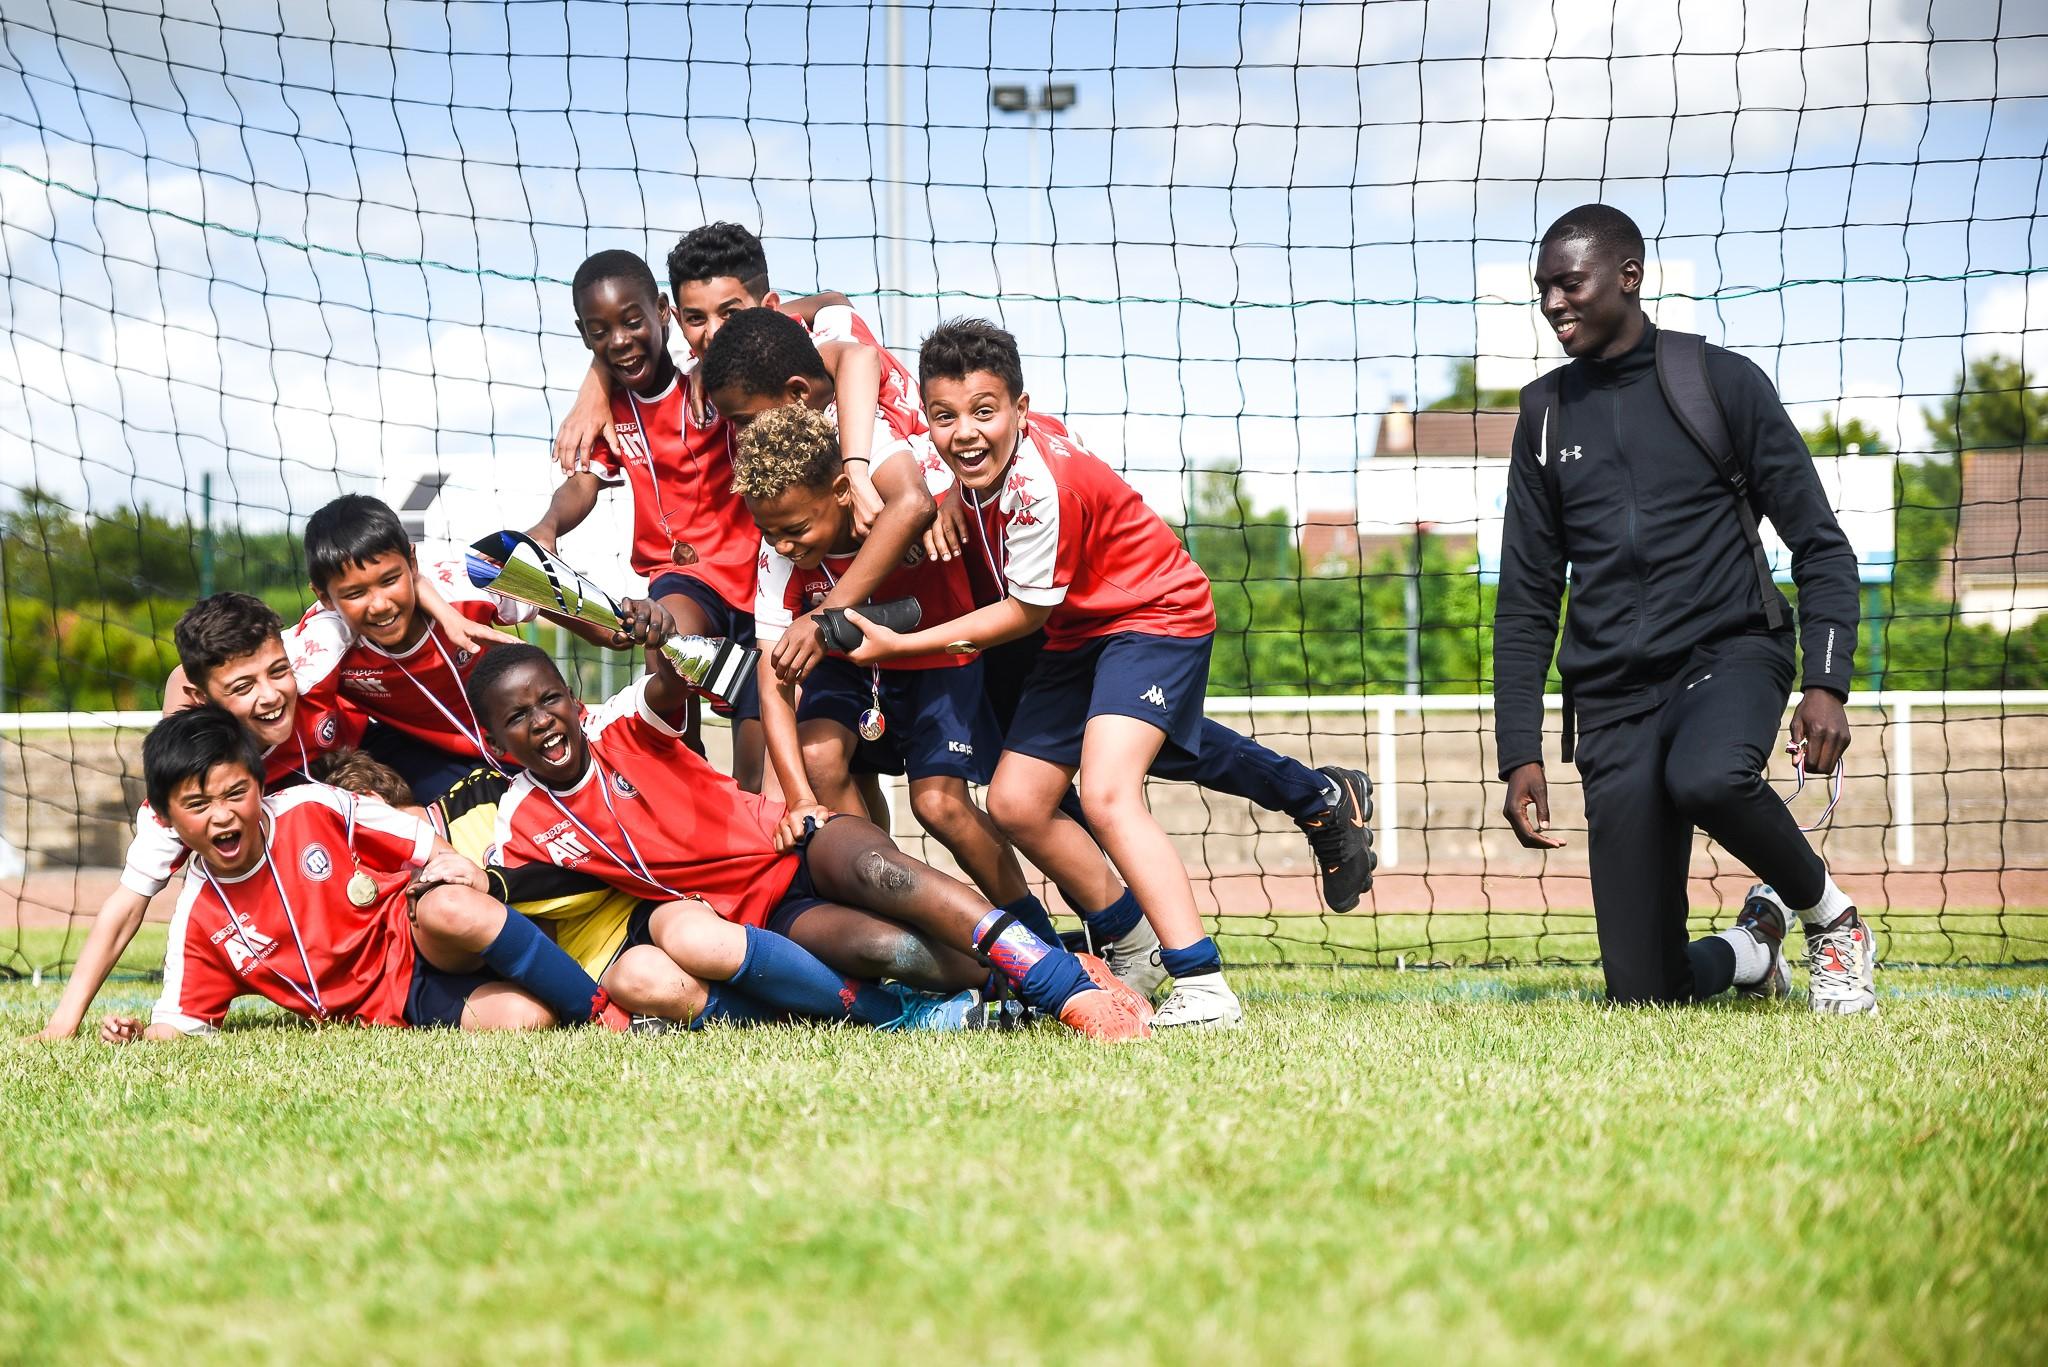 Les U11 de Sadouba victorieux 2 fois ce weekend